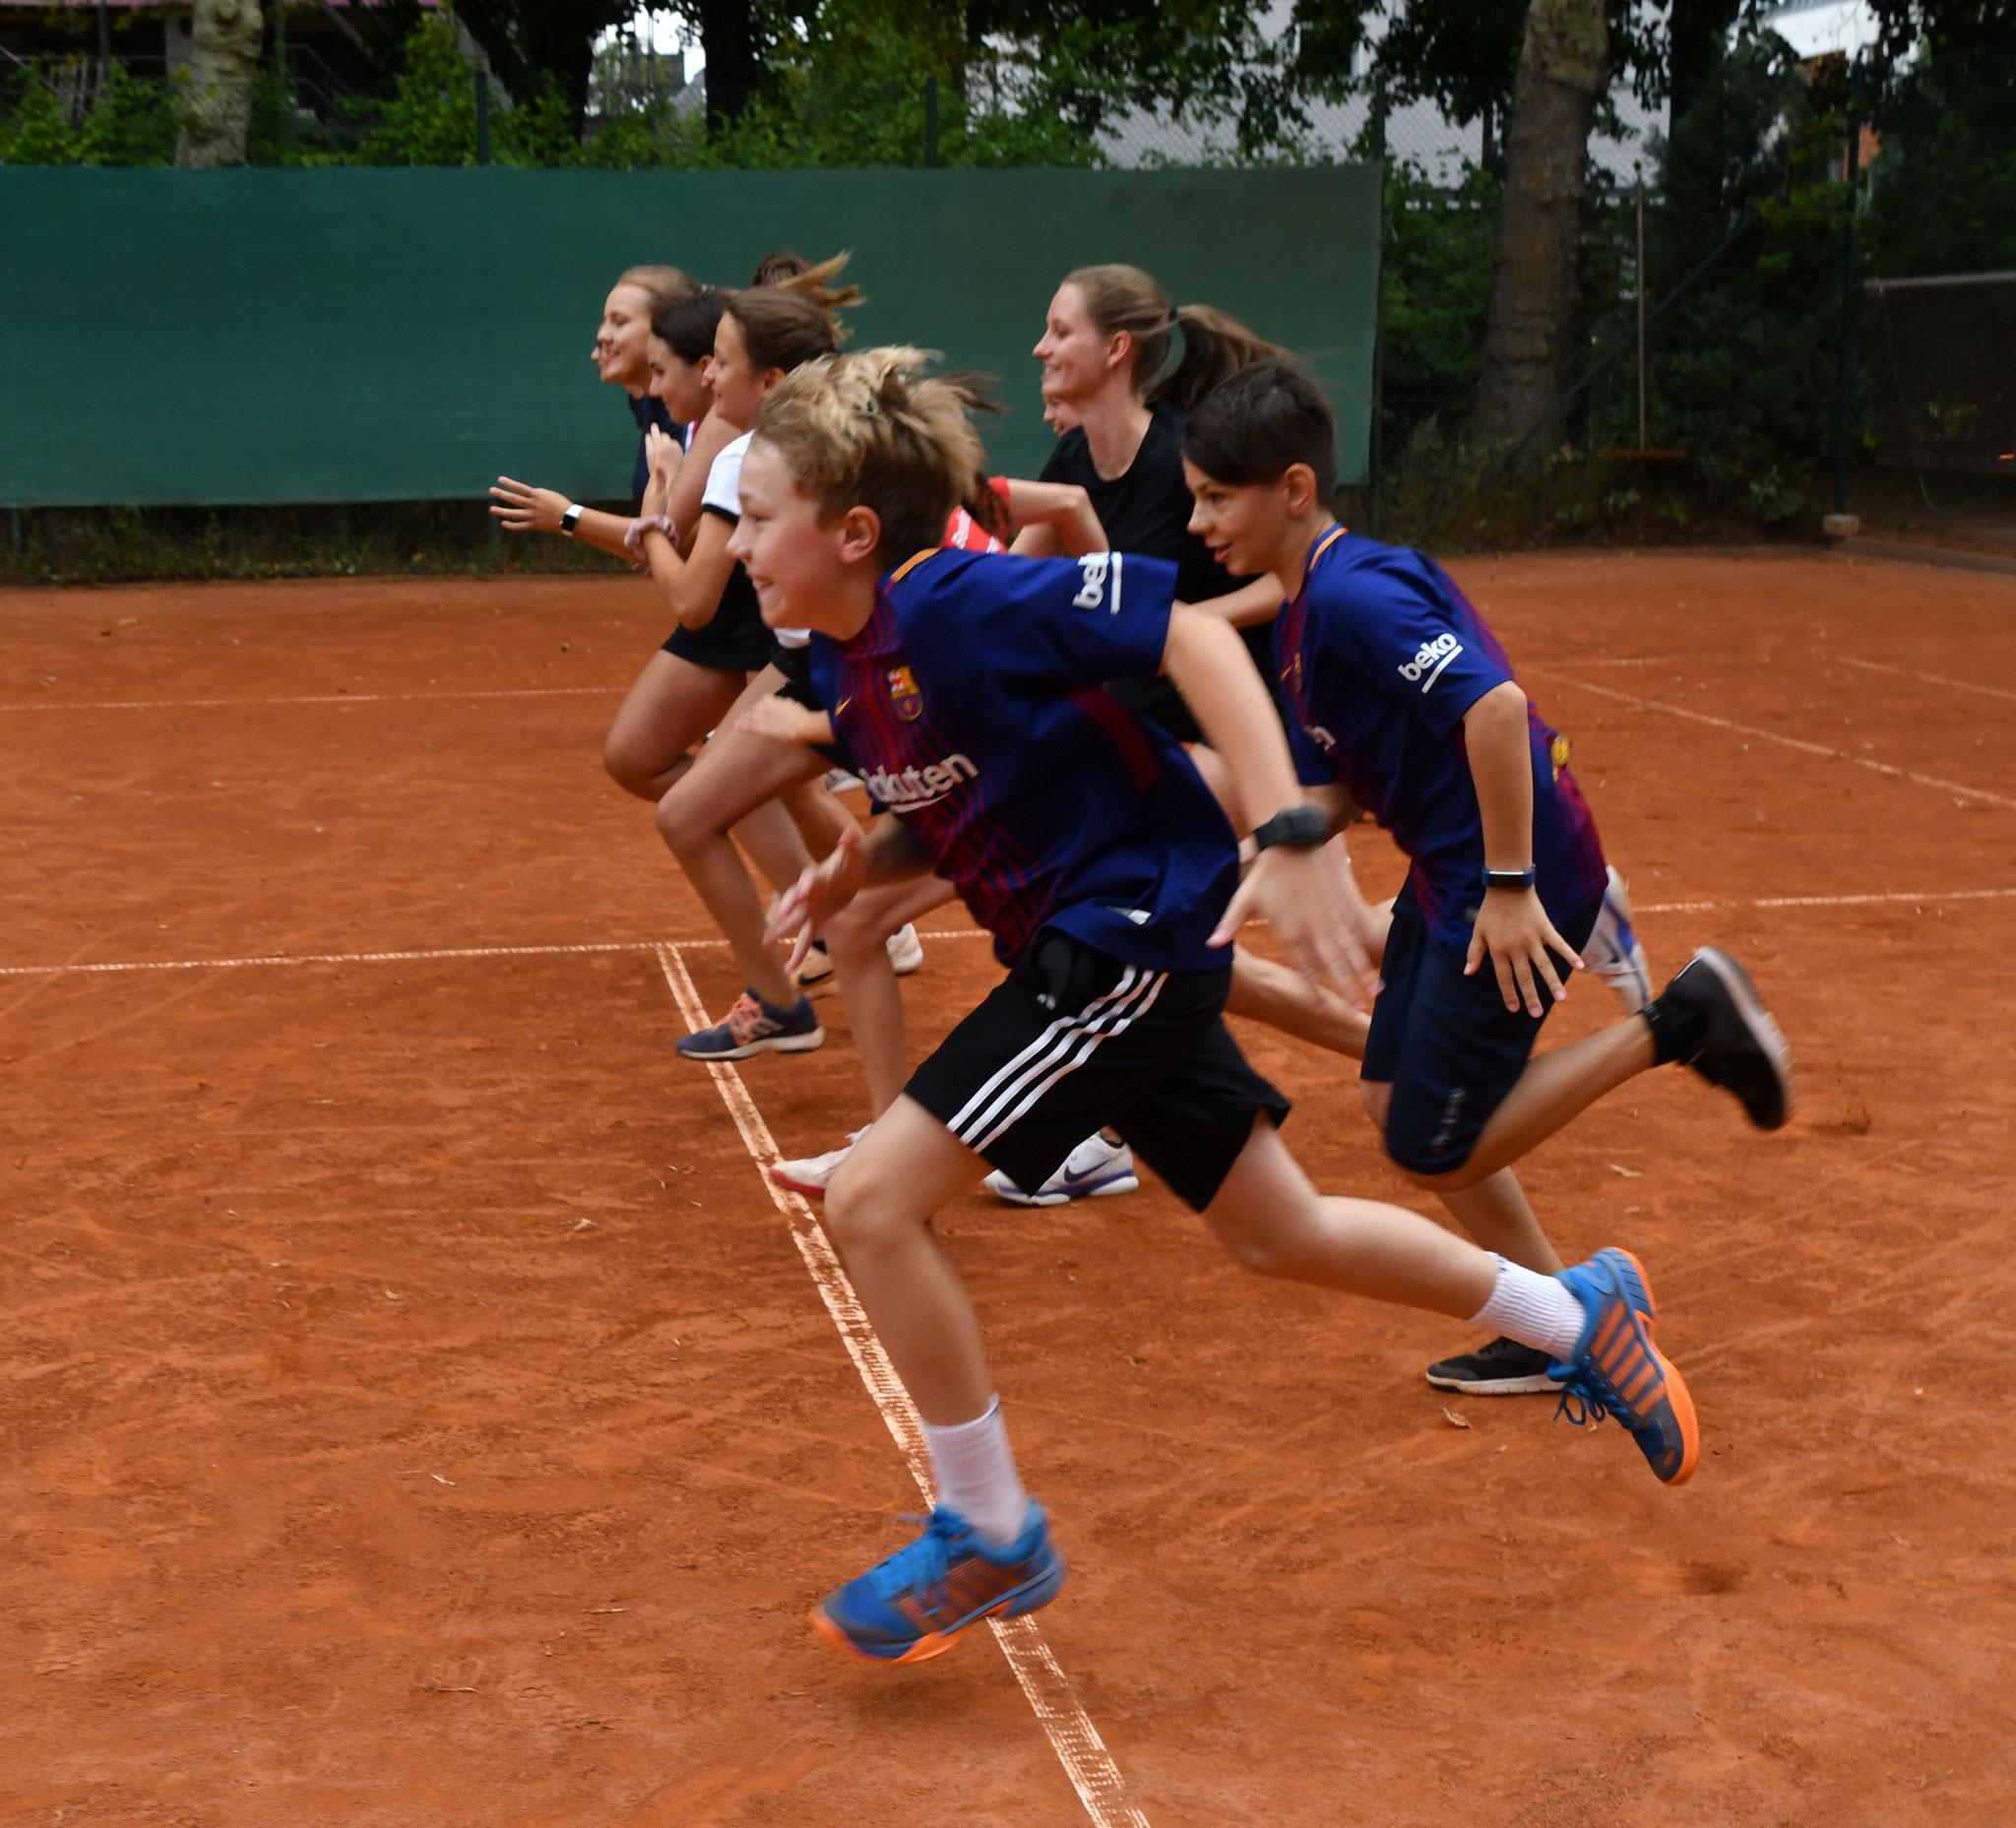 Immer montags bis donnerstags von 13.30 bis 15 Uhr können Schülerinnen und Schüler des Biesdorfer Otto-Nagel-Gymnasiums unter der Leitung der Tennisschule Mirko Süß den gelben Filzbällen hinterherjagen.